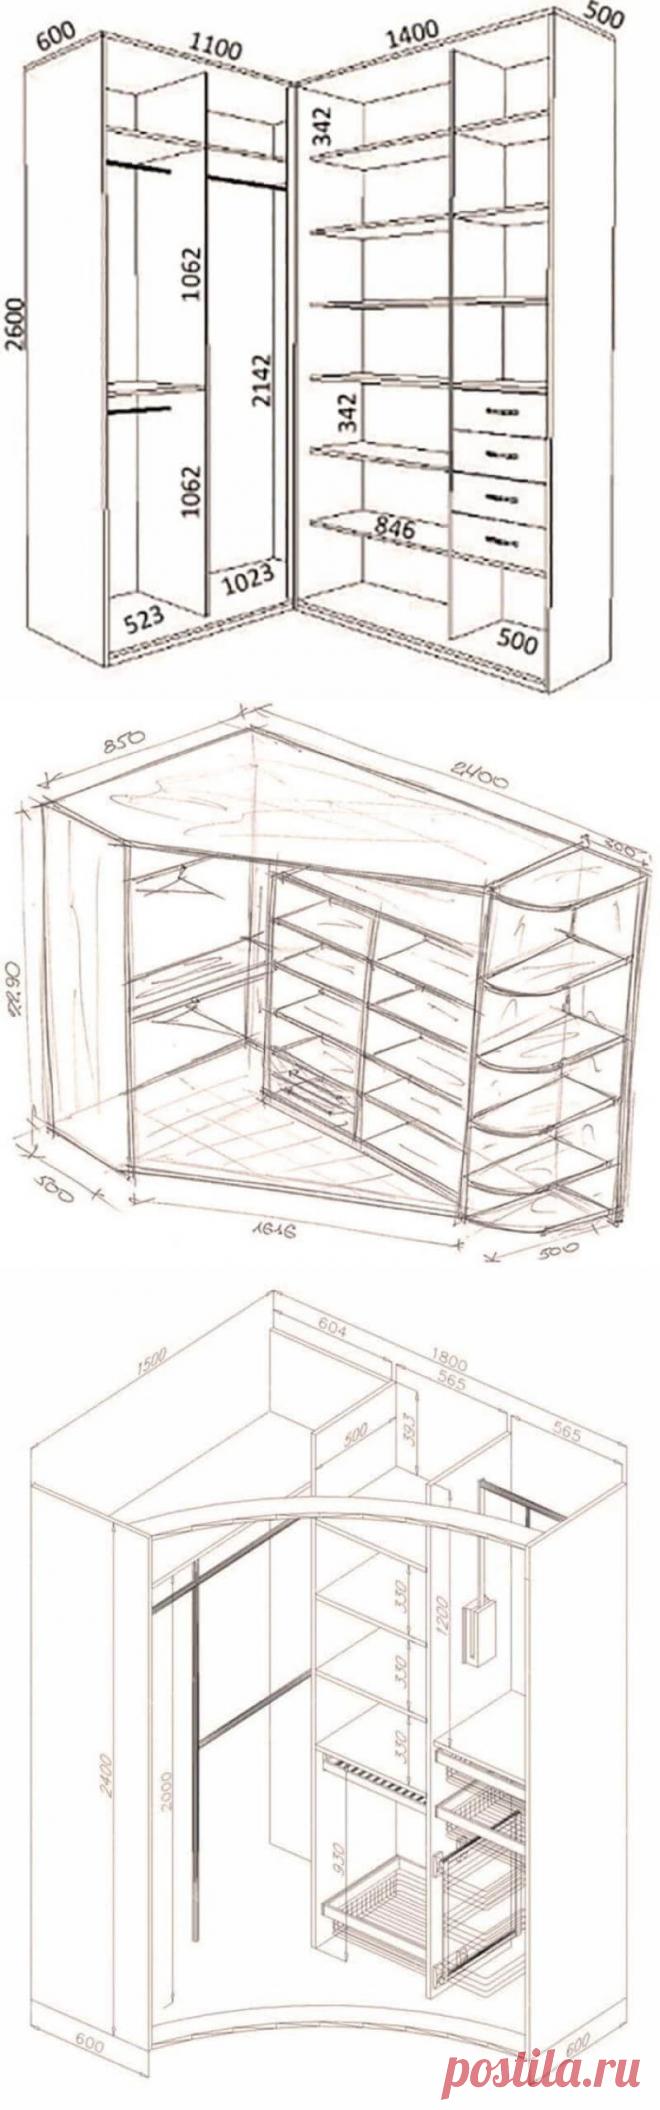 Фантастические шкафы-купе: 26 идей с чертежами | Тысяча и одна идея